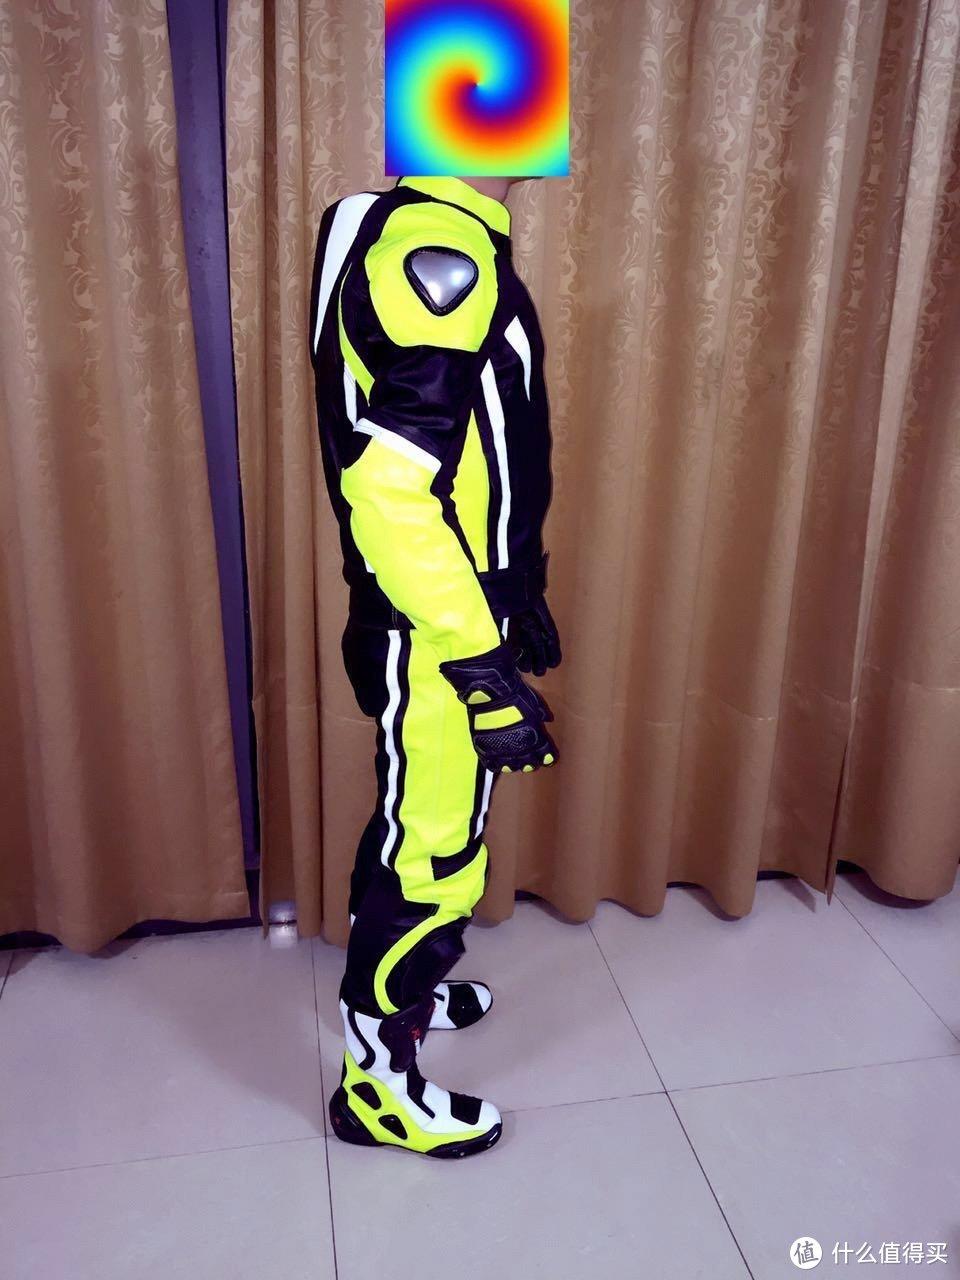 侧面能看到肩膀也带外置金属保护,手肘是内置保护,这个角度可以看到后背的小驼峰,背双肩包肯定不舒服。